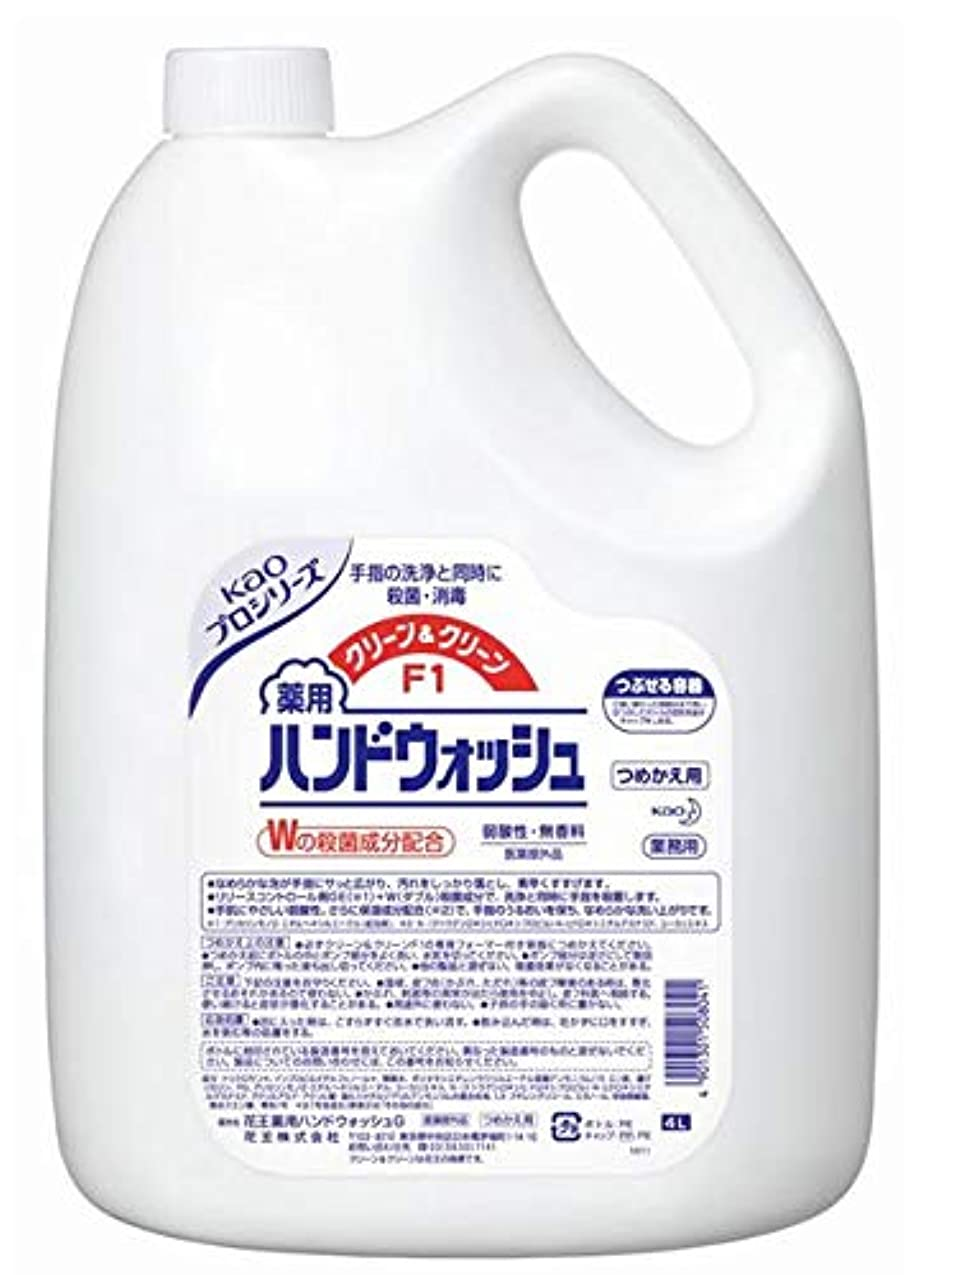 くま慣習誘う花王 クリーン&クリーンF1 薬用ハンドウォッシュ 4リットル 3缶セット